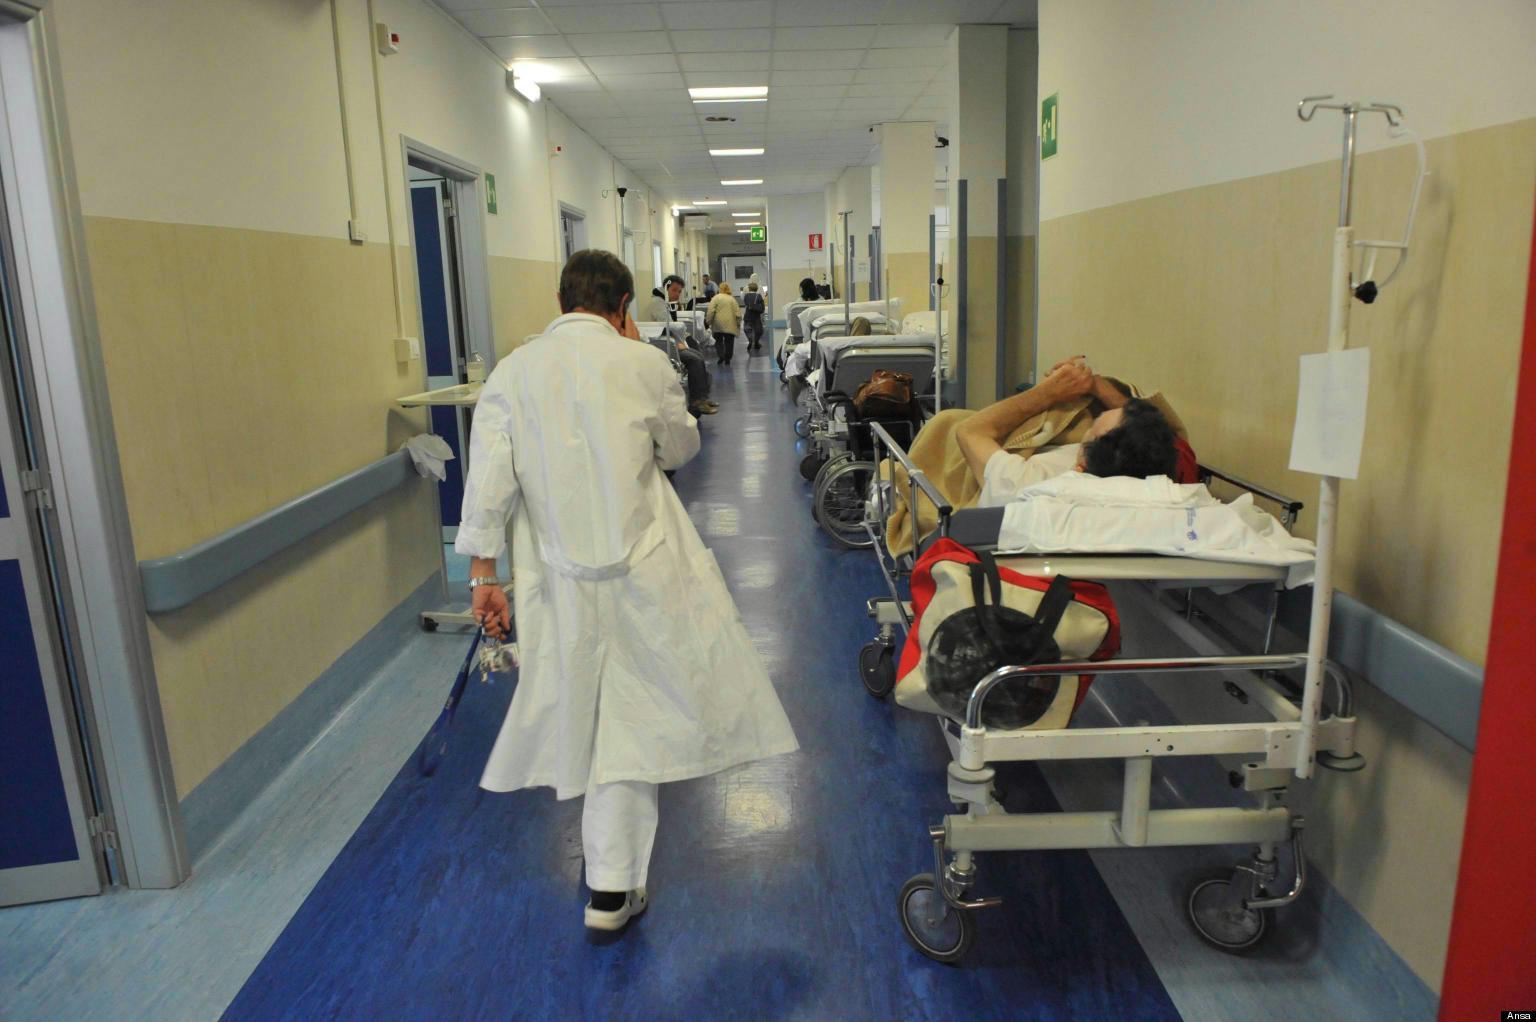 Ulcere di trophic a conservatore di trattamento varicosity